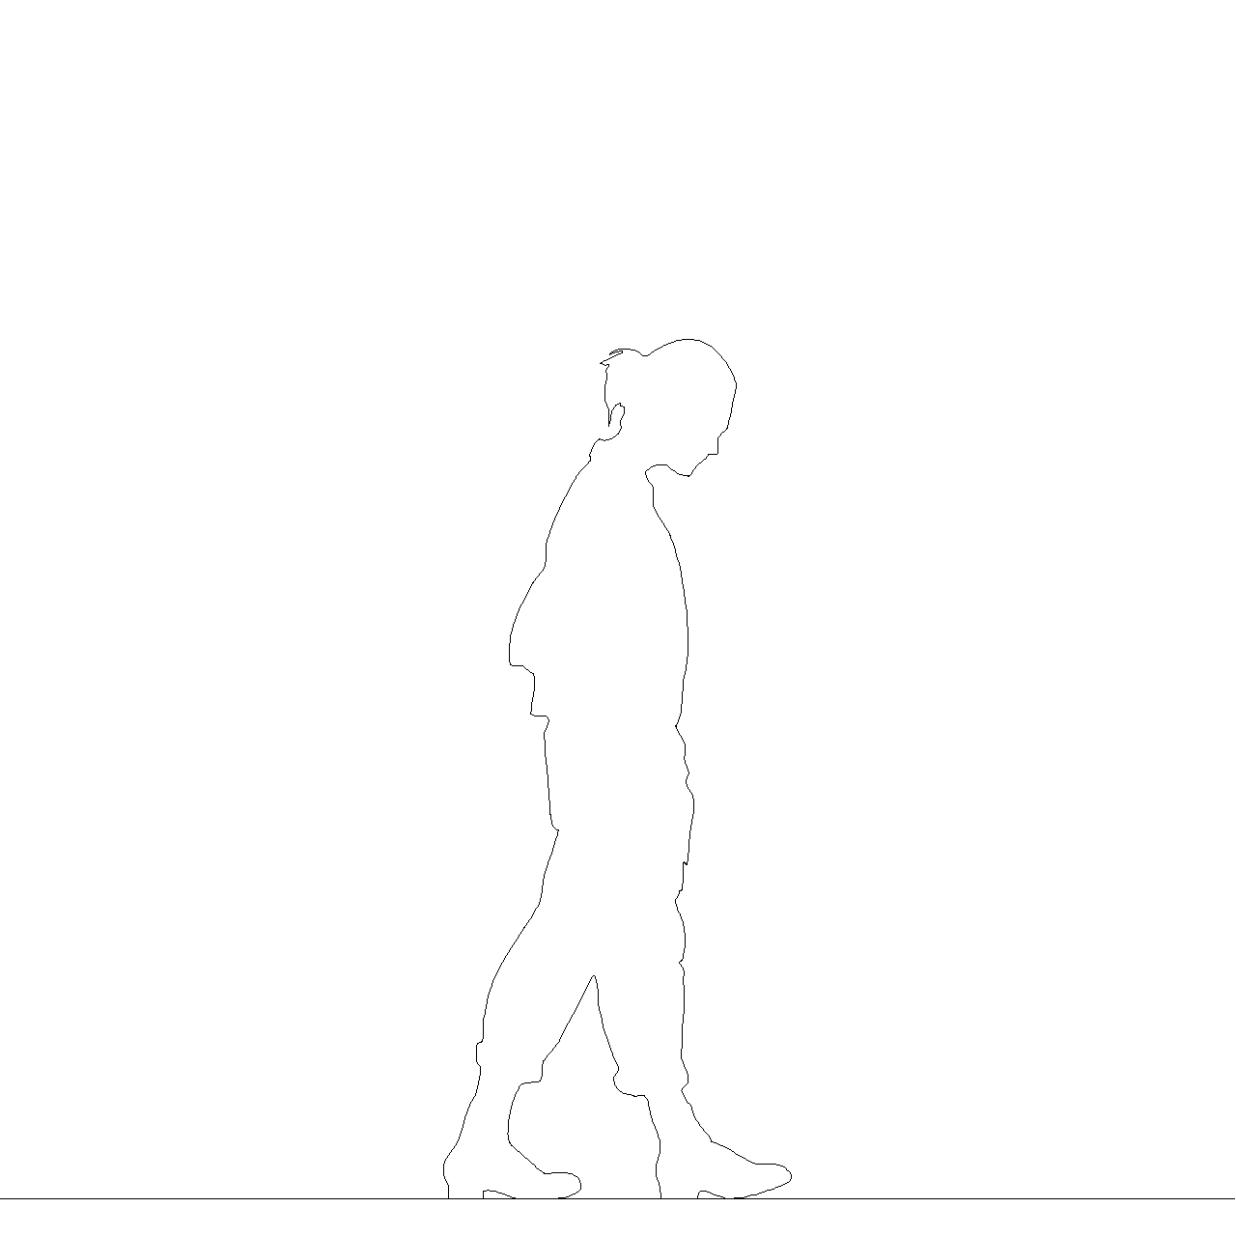 ポケットに手を入れて歩く 女性の2DCAD部品丨シルエット 人間 女性丨無料 商用可能 フリー素材 フリーデータ AUTOCAD DWG DXF